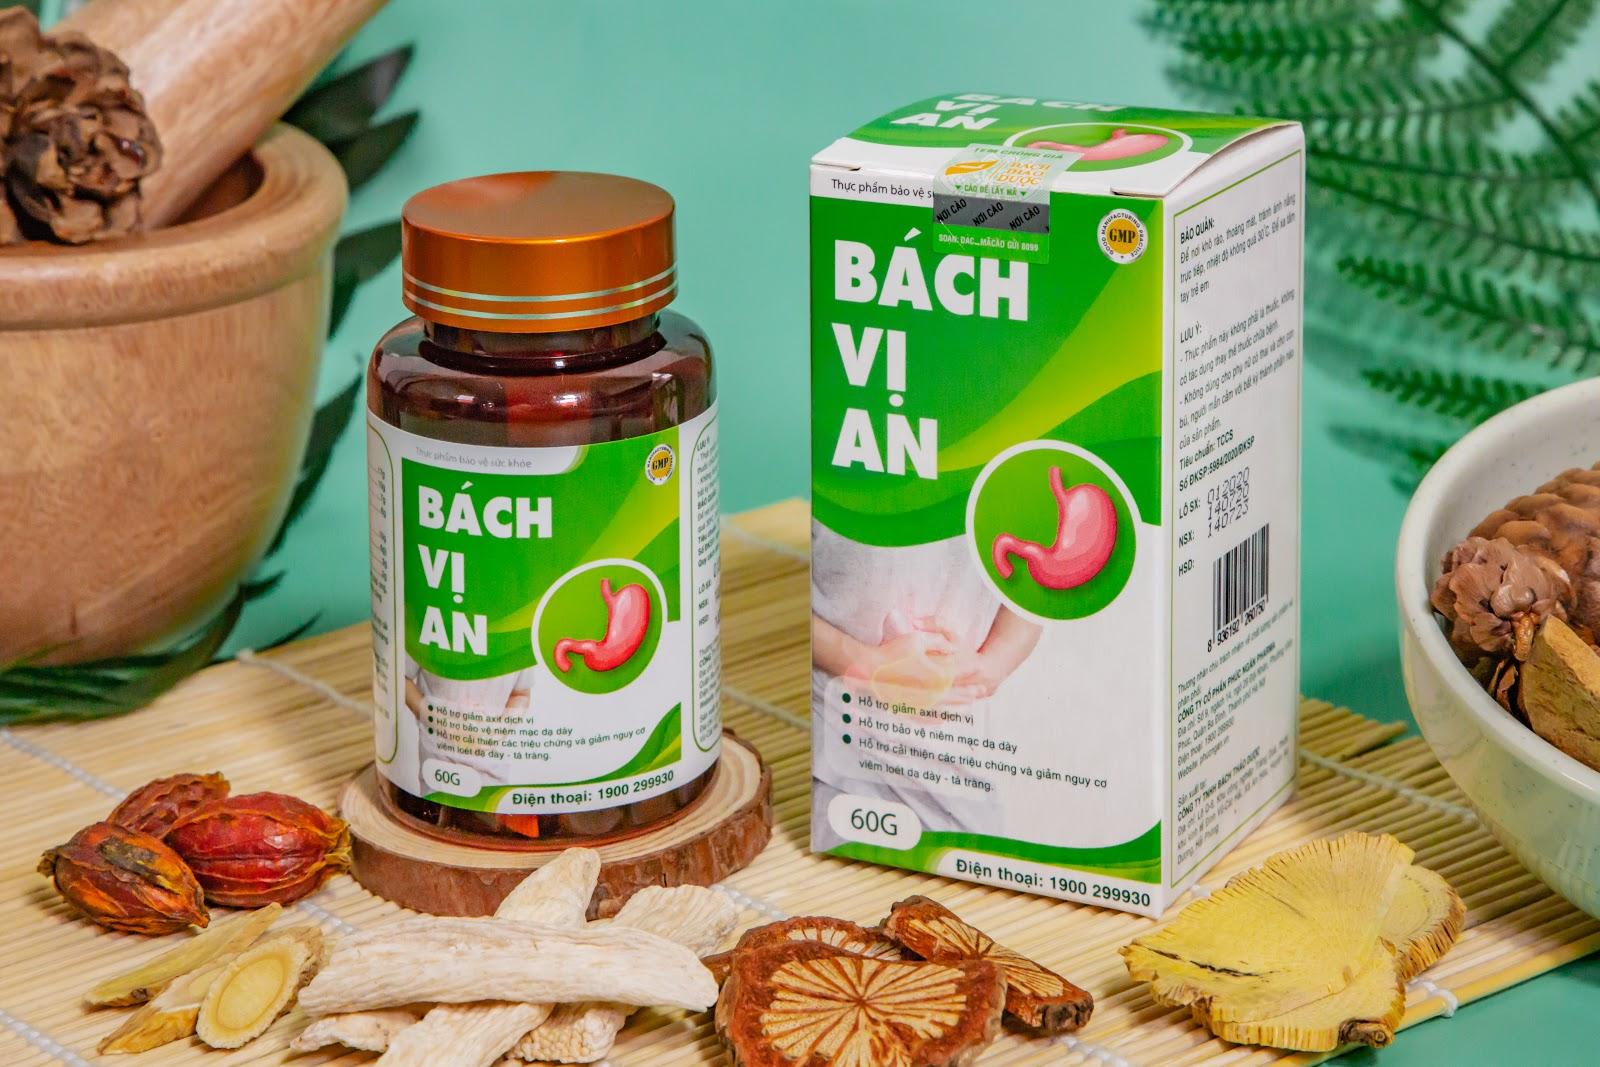 Công thức vượt trội trong Bách Vị An hỗ trợ cải thiện viêm loét dạ dày - Ảnh 1